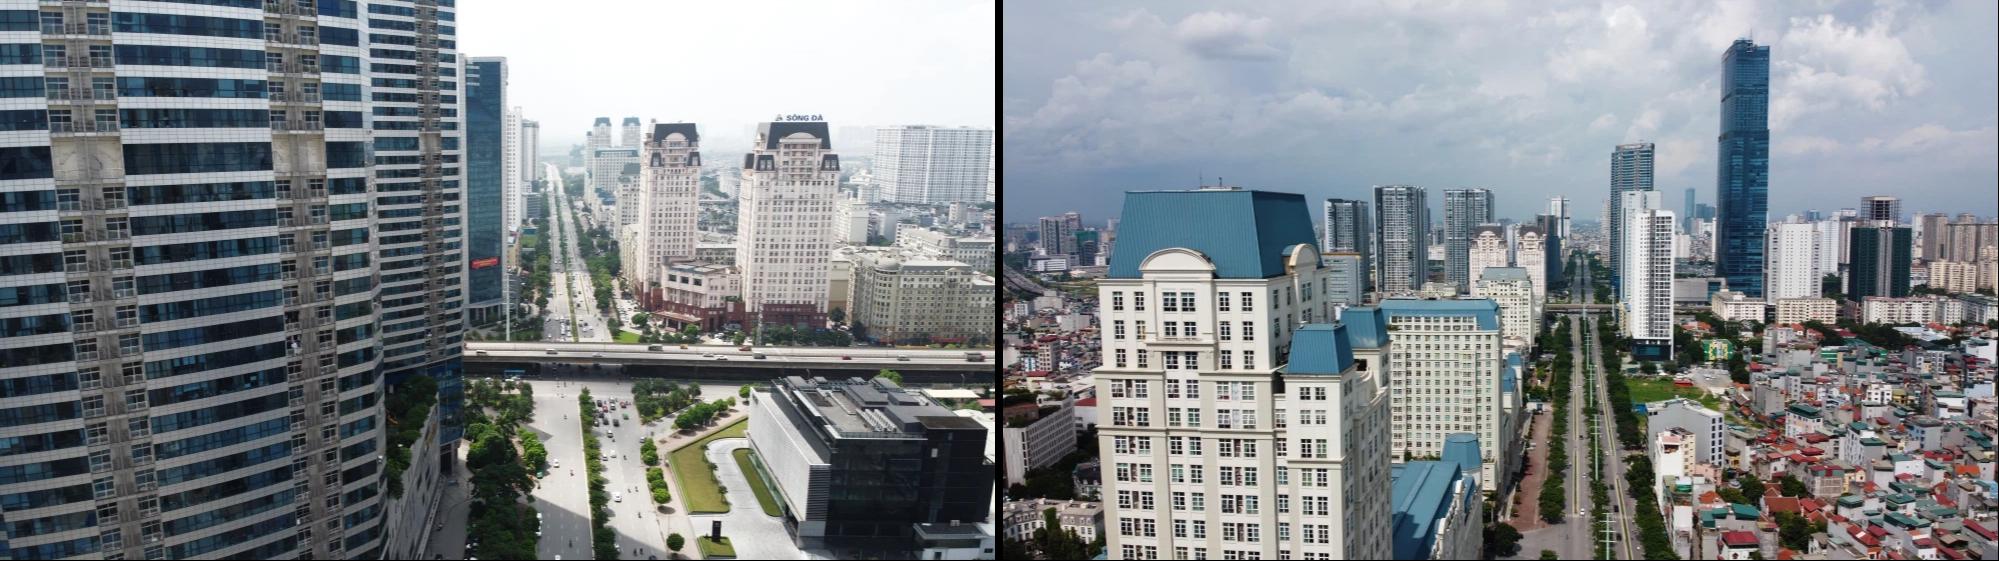 Trụ sở mới Đại sứ quán Mỹ: Nằm giữa 'Thung lũng Silicon' của Hà Nội, sẽ có tuyến metro chạy qua - Ảnh 4.